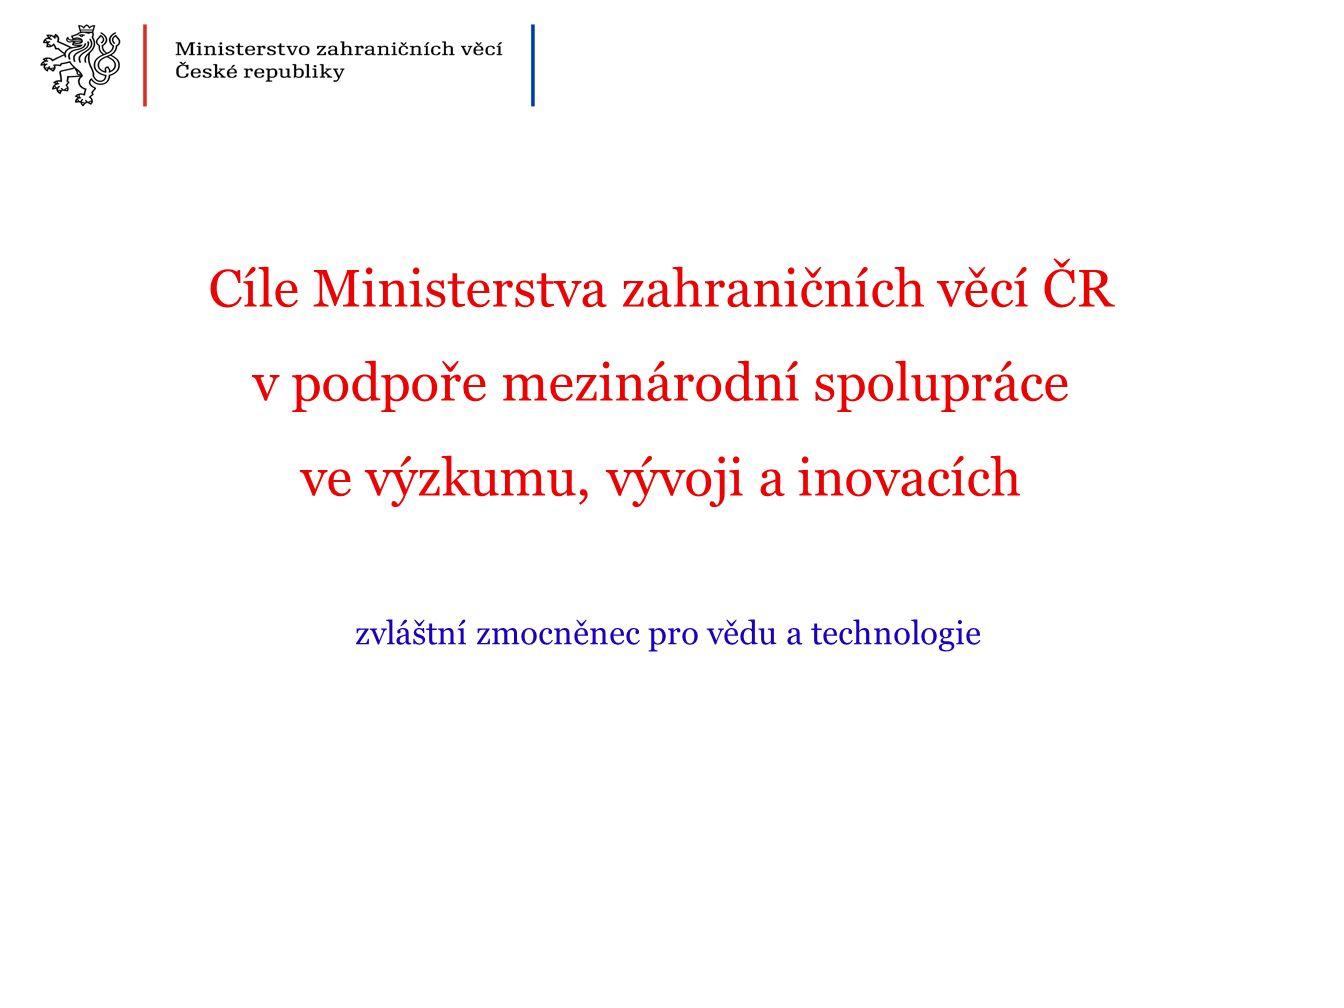 Cíle Ministerstva zahraničních věcí ČR v podpoře mezinárodní spolupráce ve výzkumu, vývoji a inovacích zvláštní zmocněnec pro vědu a technologie